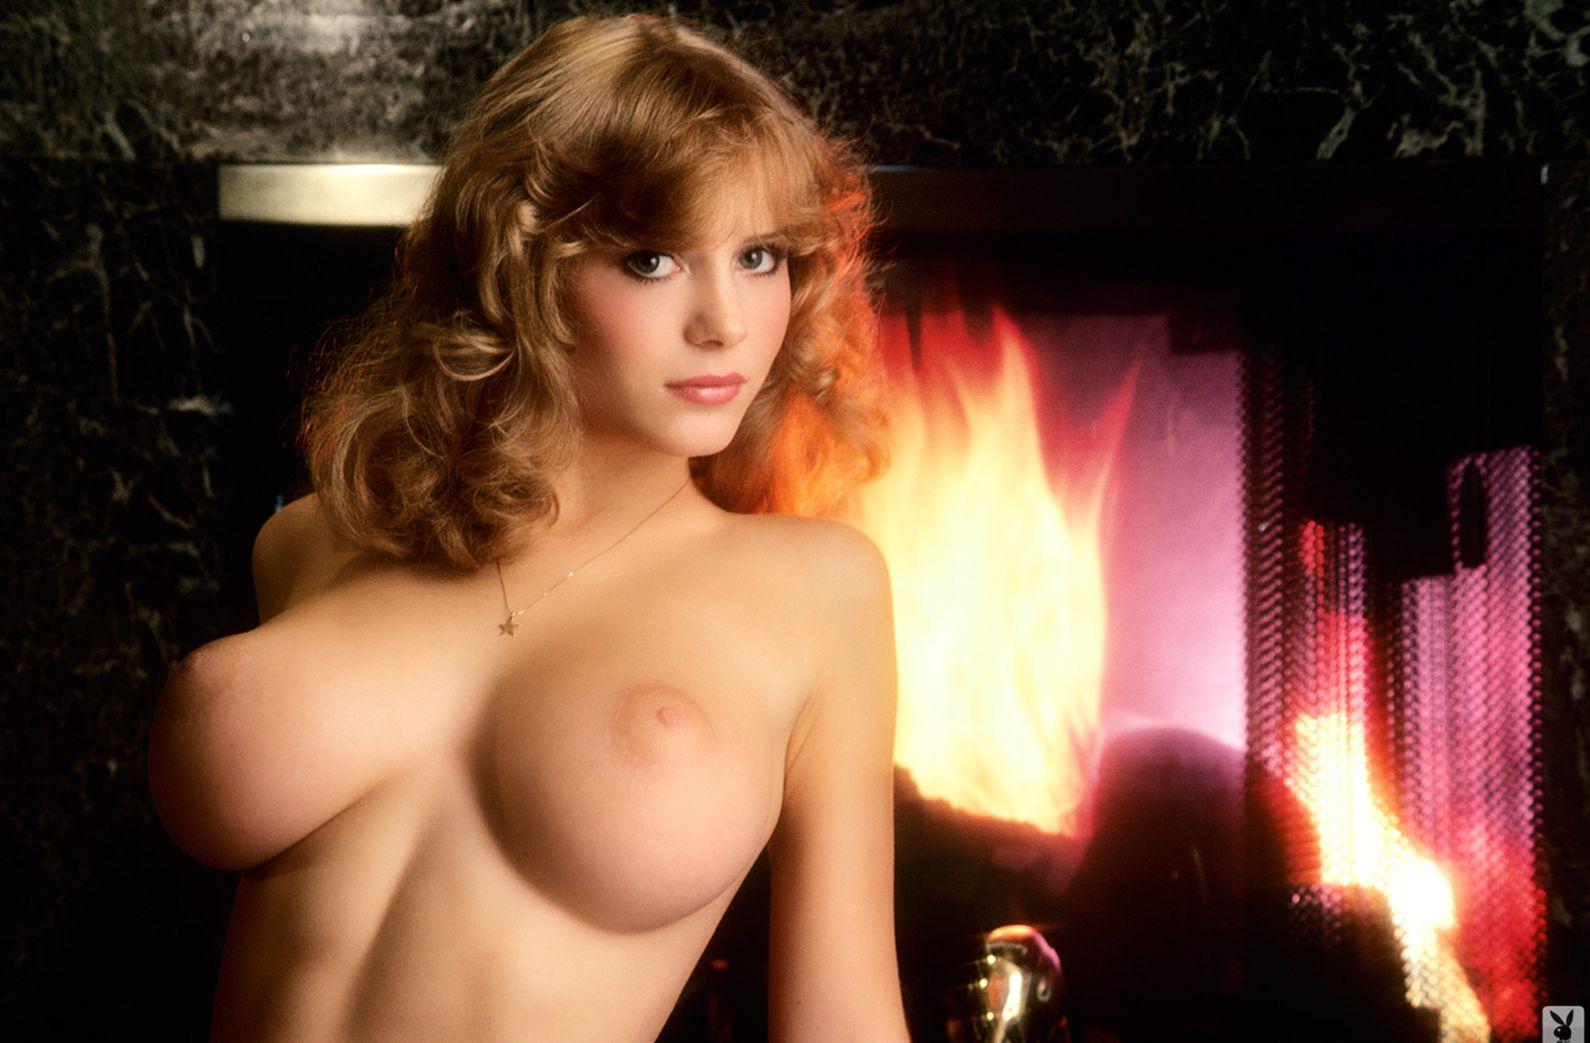 девушка kimberly mcarthur с обнаженной грудью